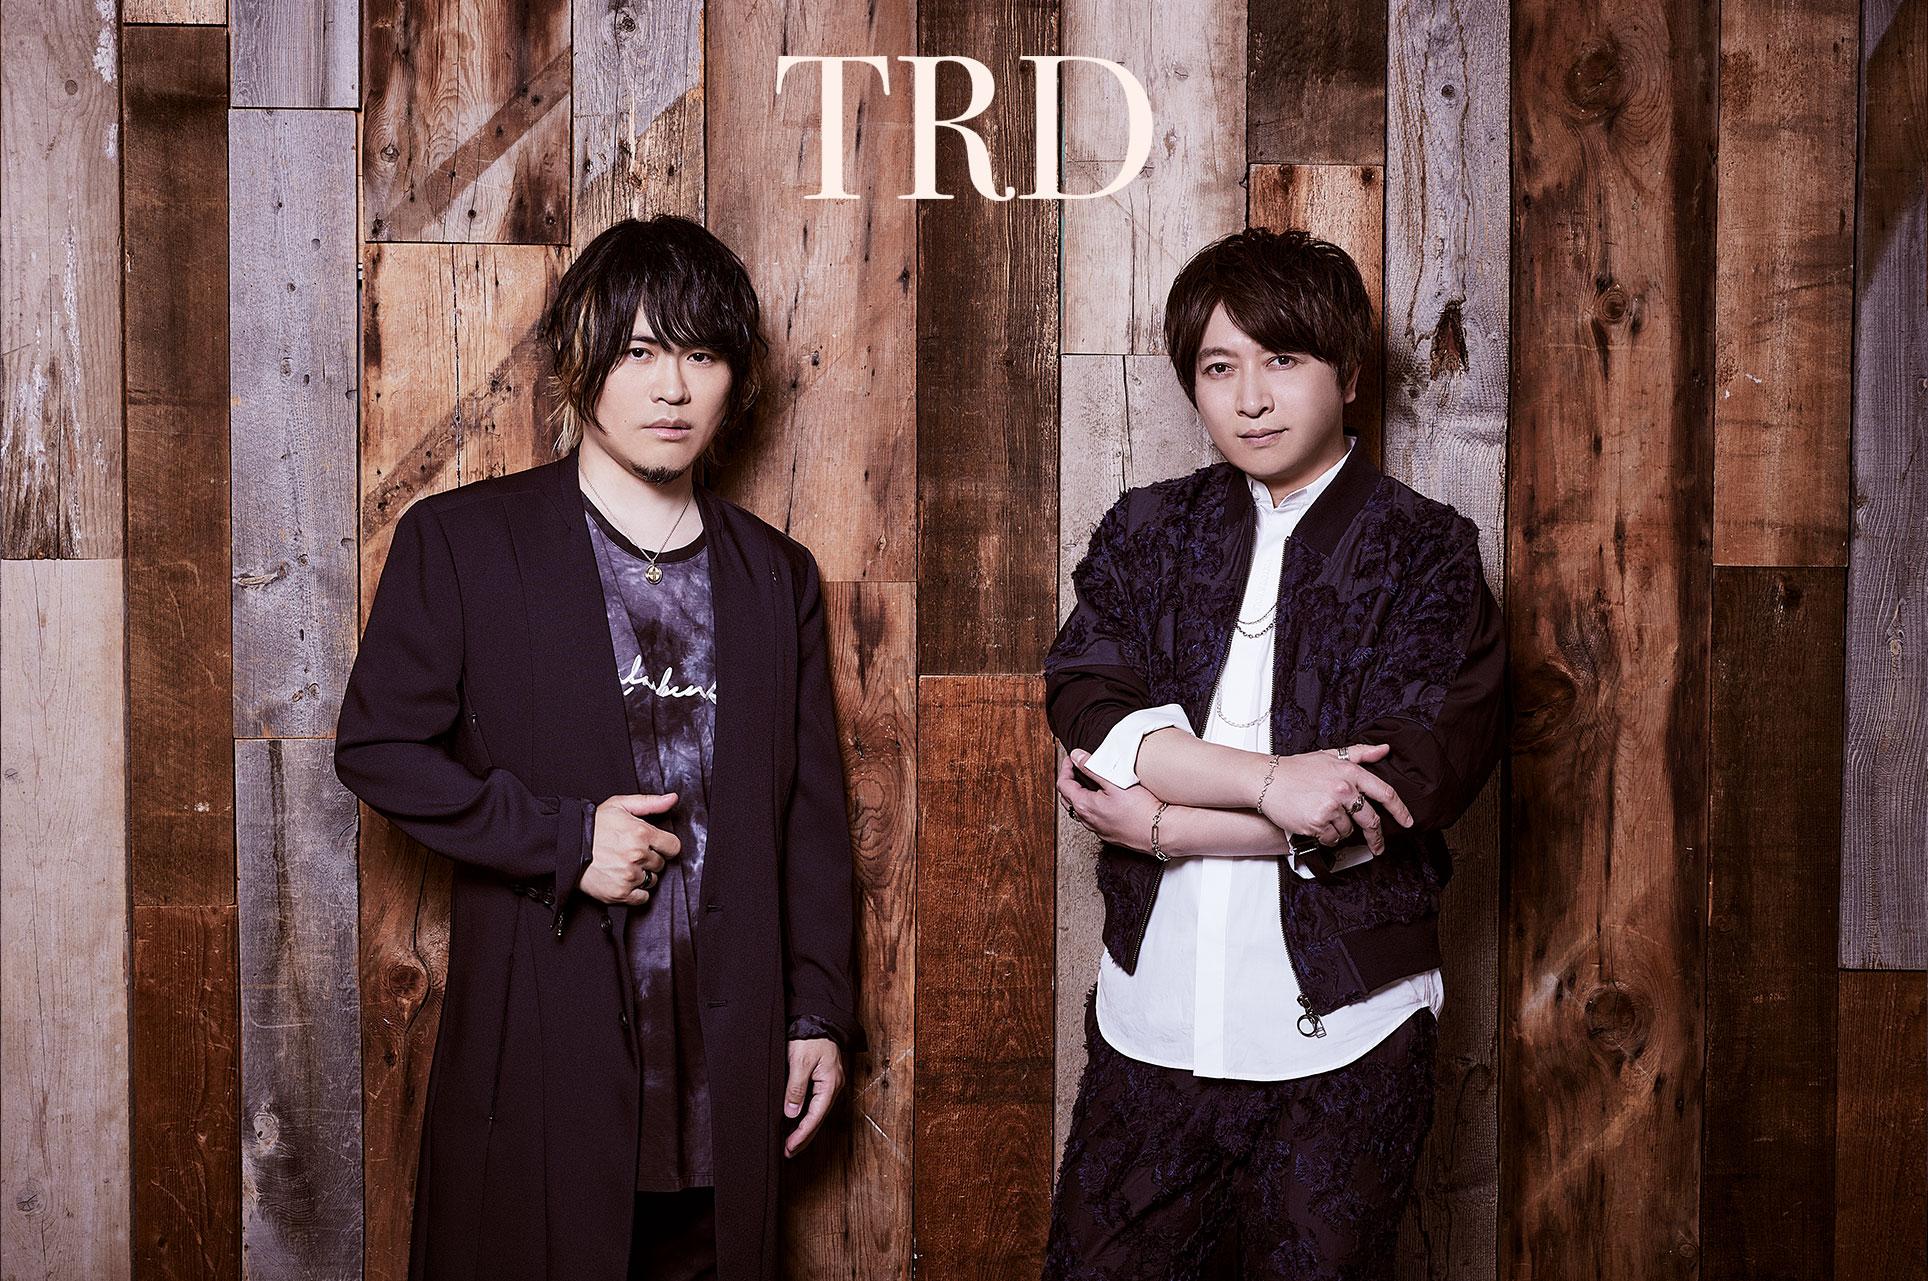 近藤孝行さん&小野大輔さんのオフショット!TRDデビューをお祝い「これから共にまいりましょう…!」